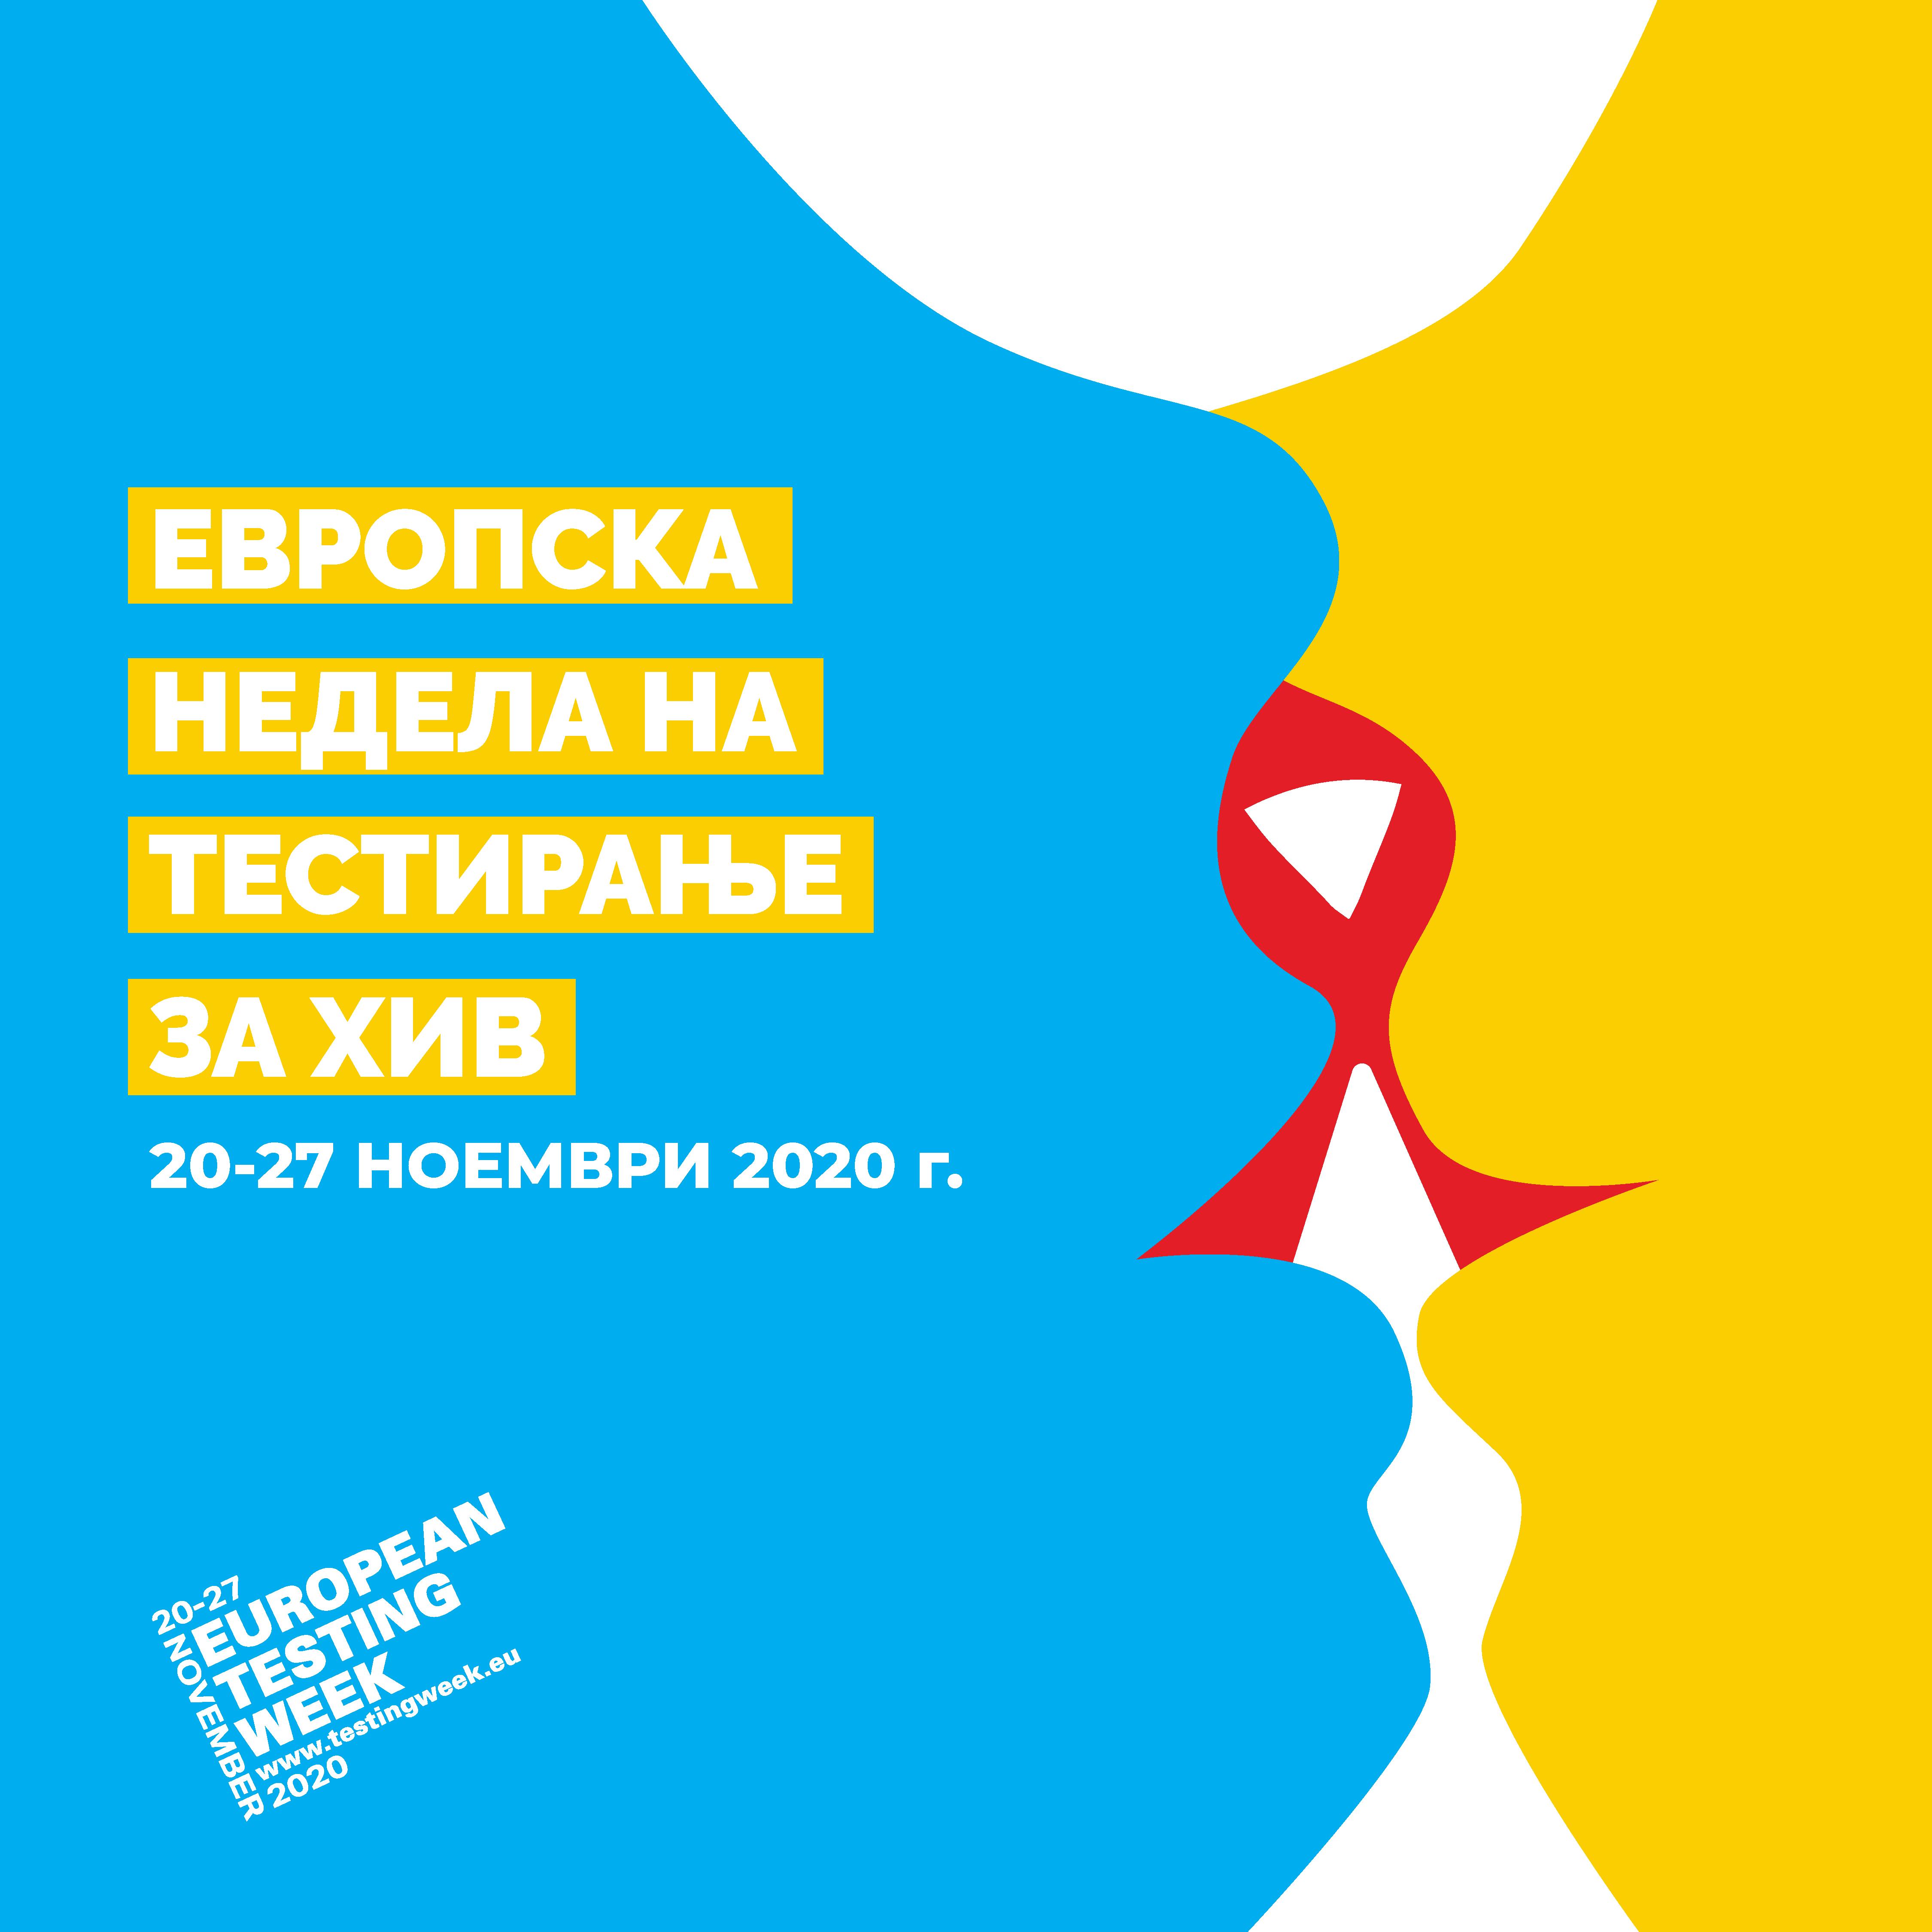 Европска недела на тестирање за ХИВ:  За ХИВ денес, важно е само навреме да се открие